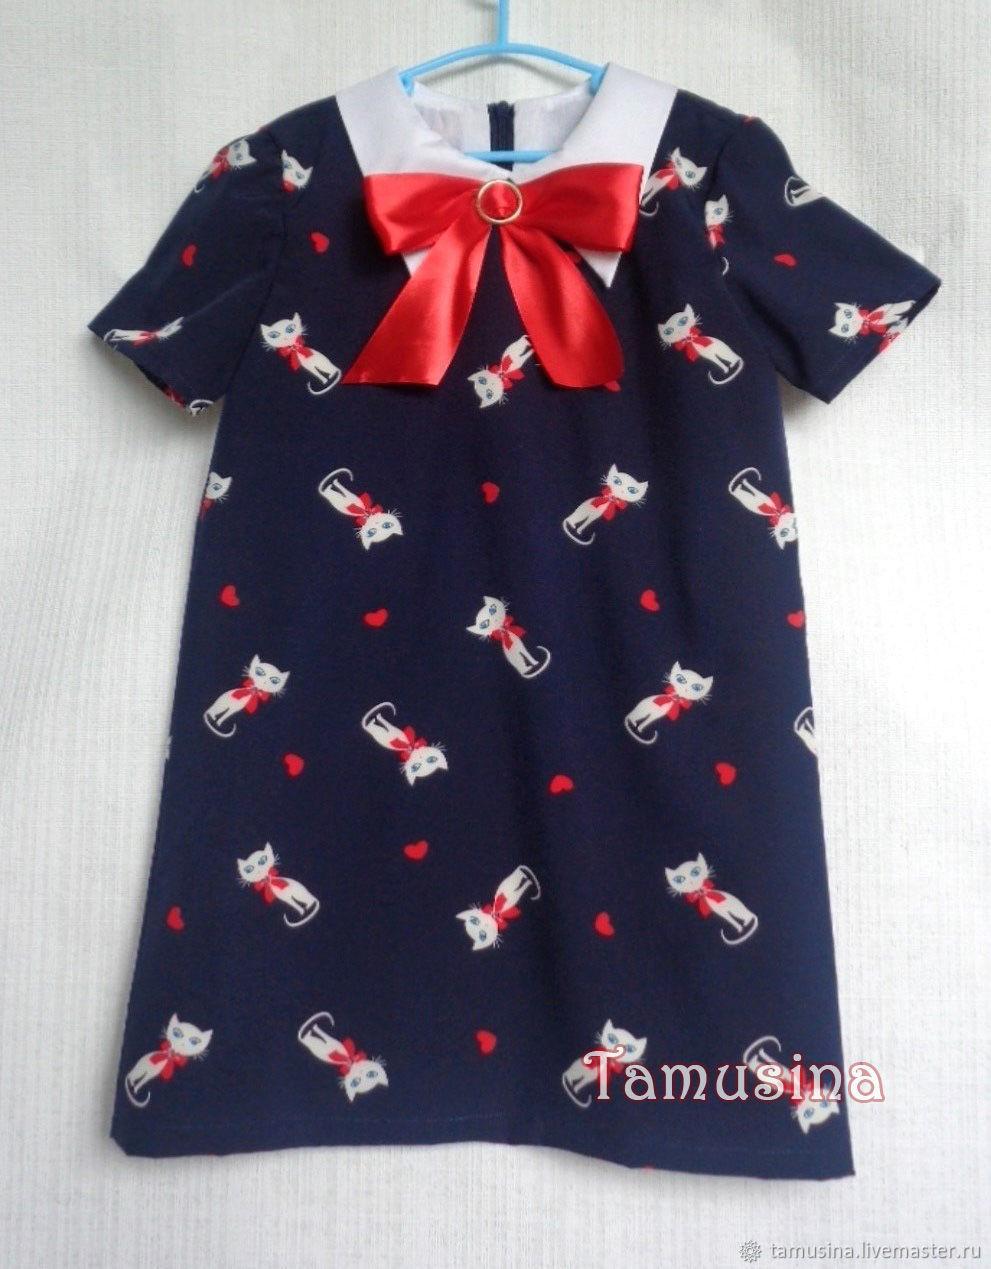 Одежда для девочек, ручной работы. Ярмарка Мастеров - ручная работа. Купить Платье для девочки Кошка с бантом. Handmade. Кошки